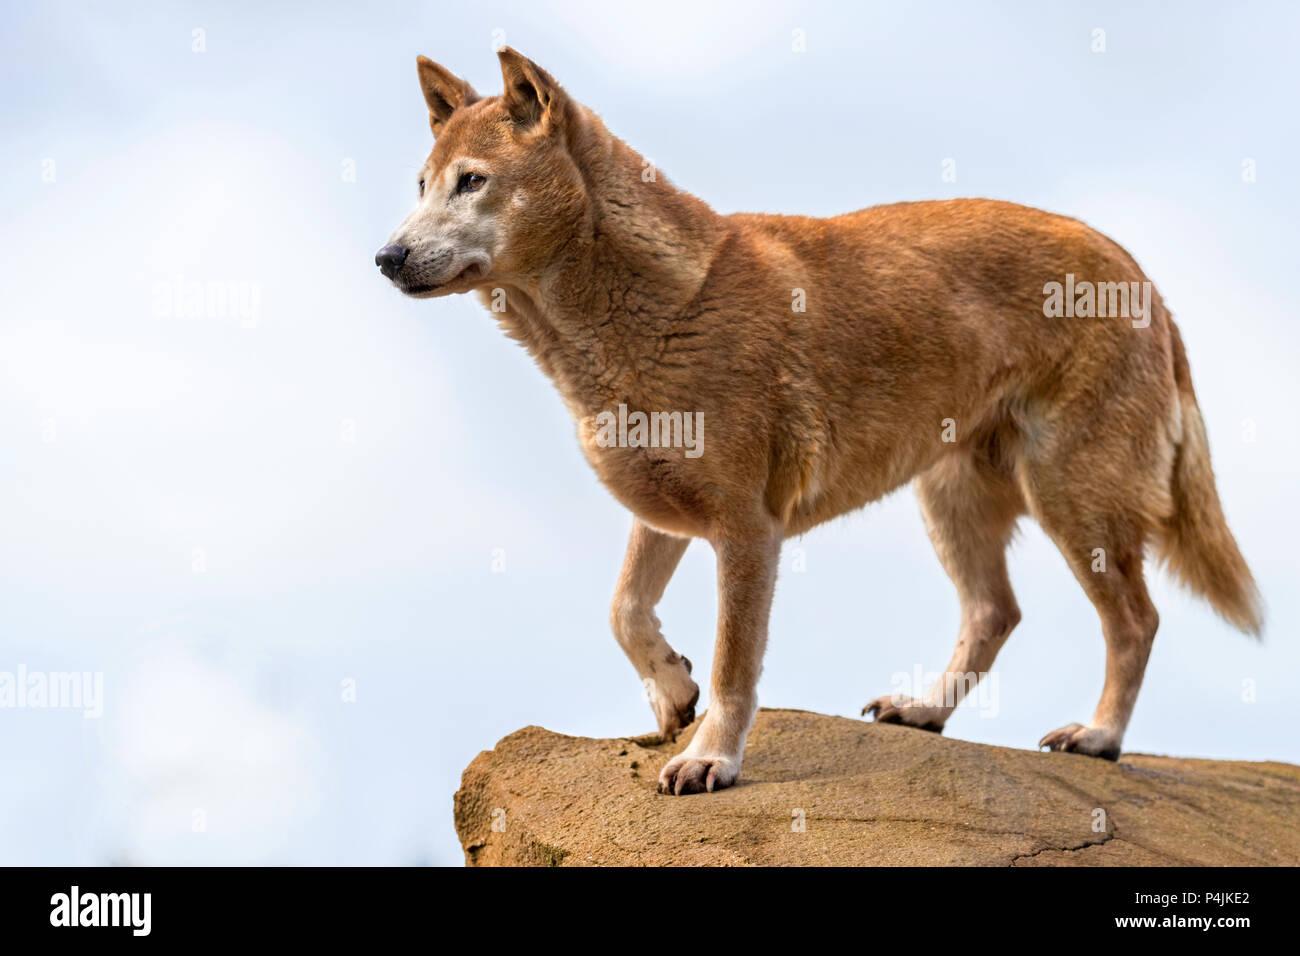 New Guinea Singing Dog Stock Photo Alamy